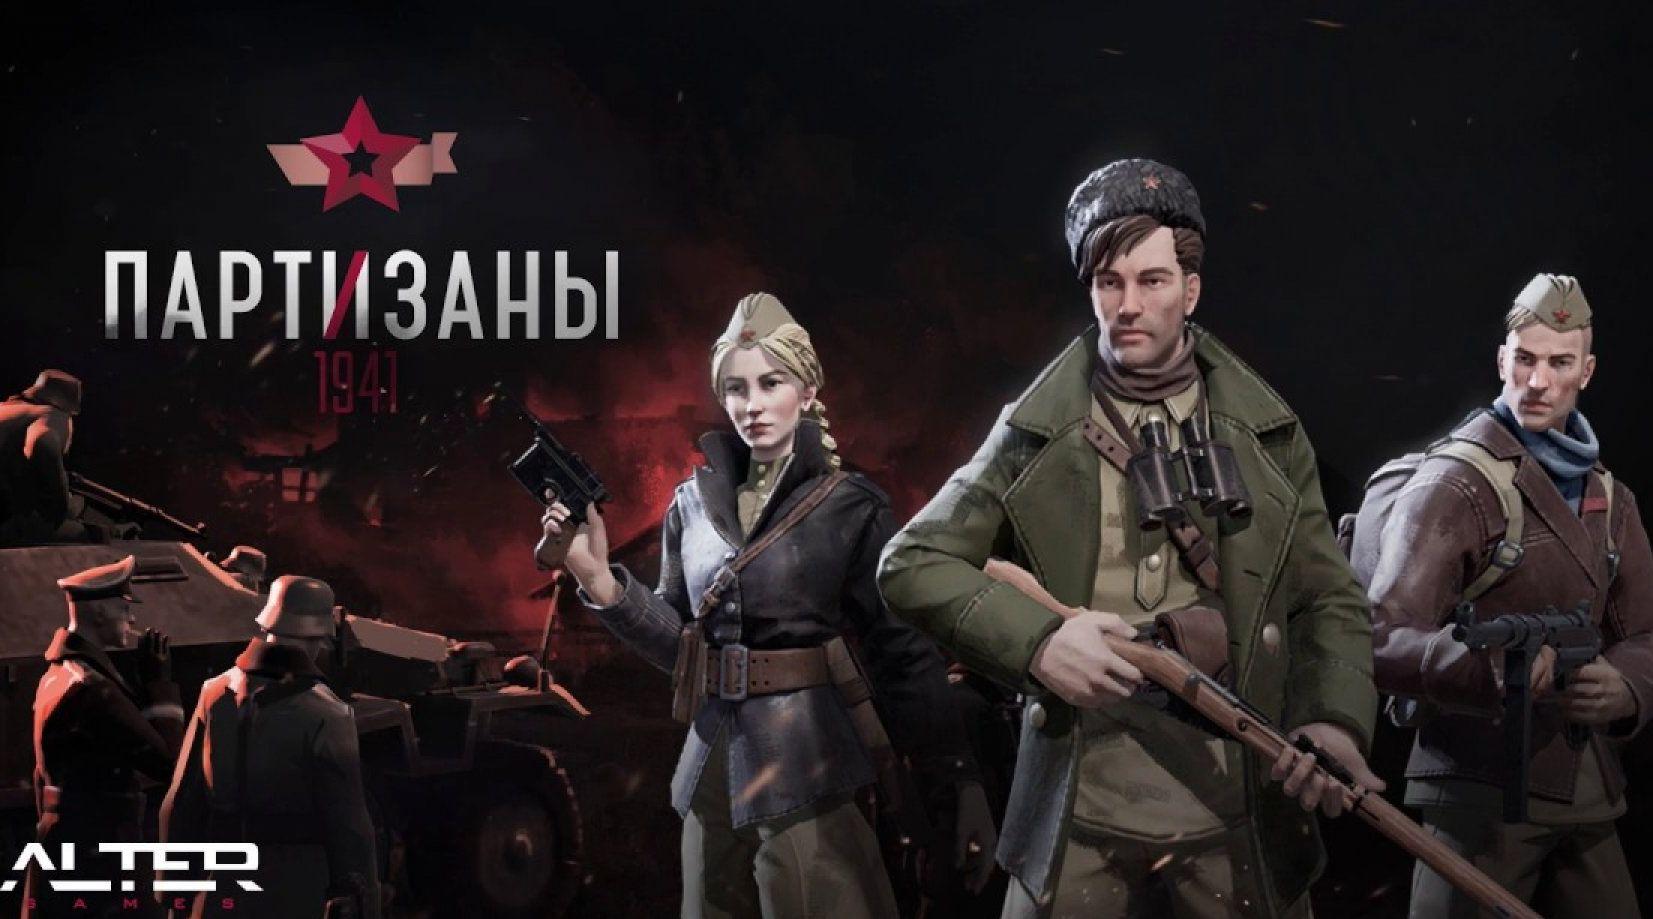 Партизаны 1941 - народные мстители